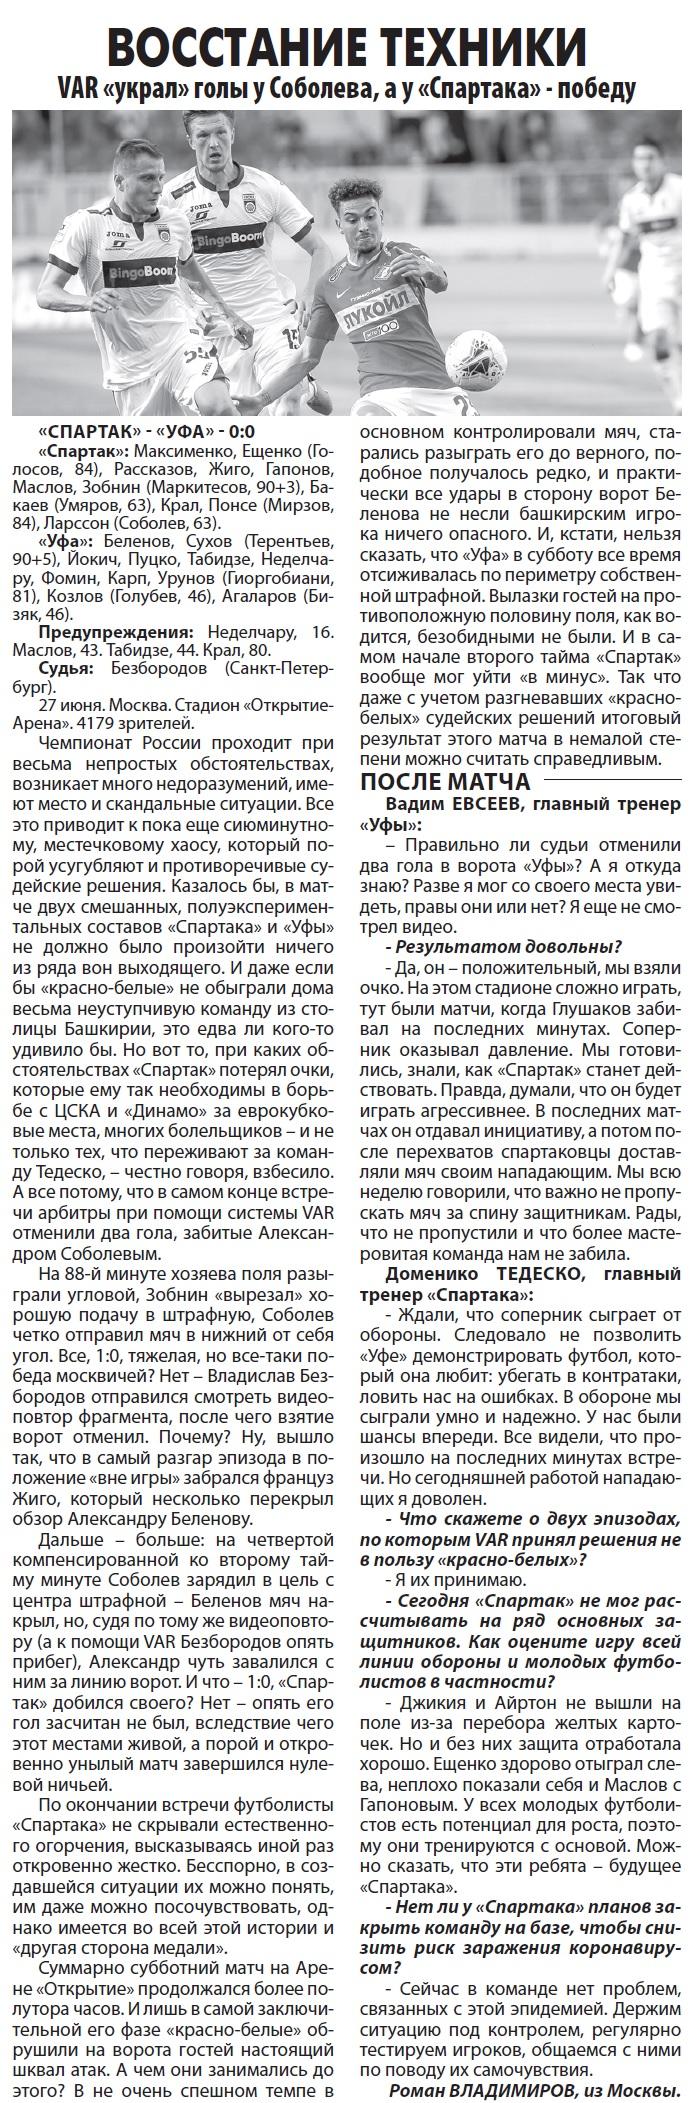 Спартак (Москва) - Уфа (Уфа) 0:0